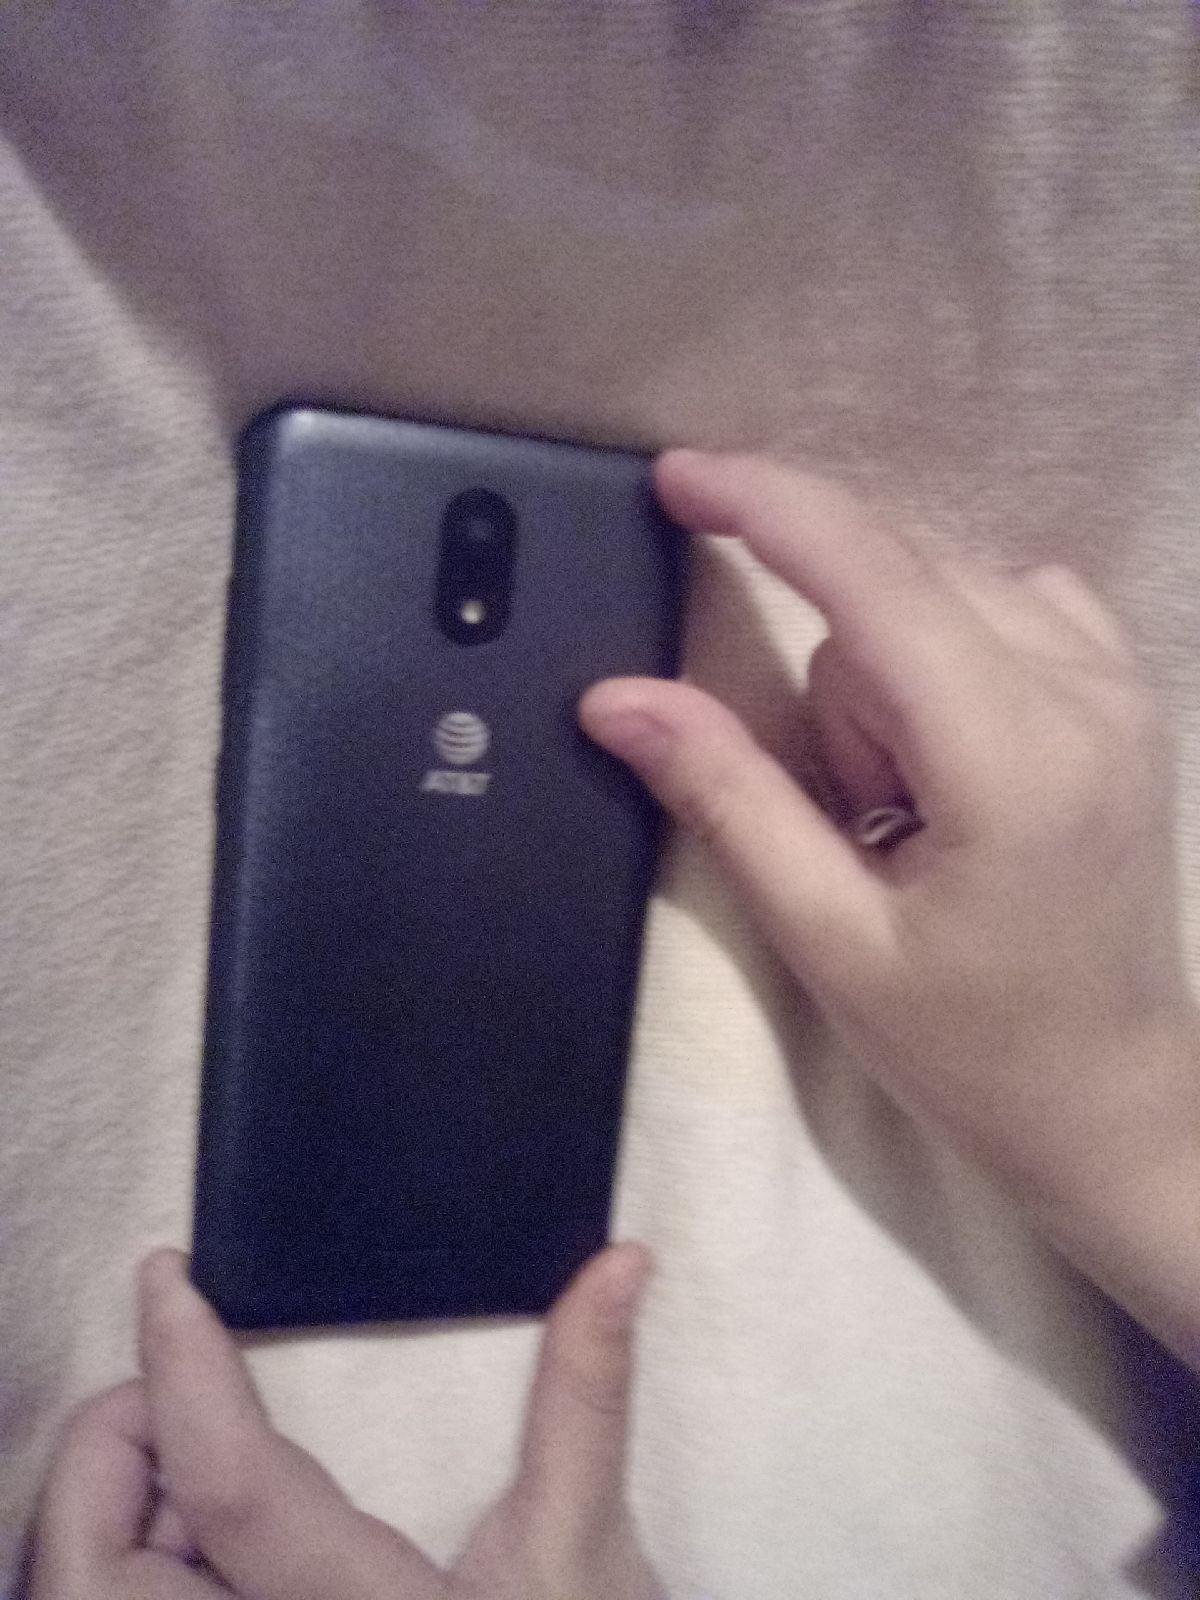 At&t phone black